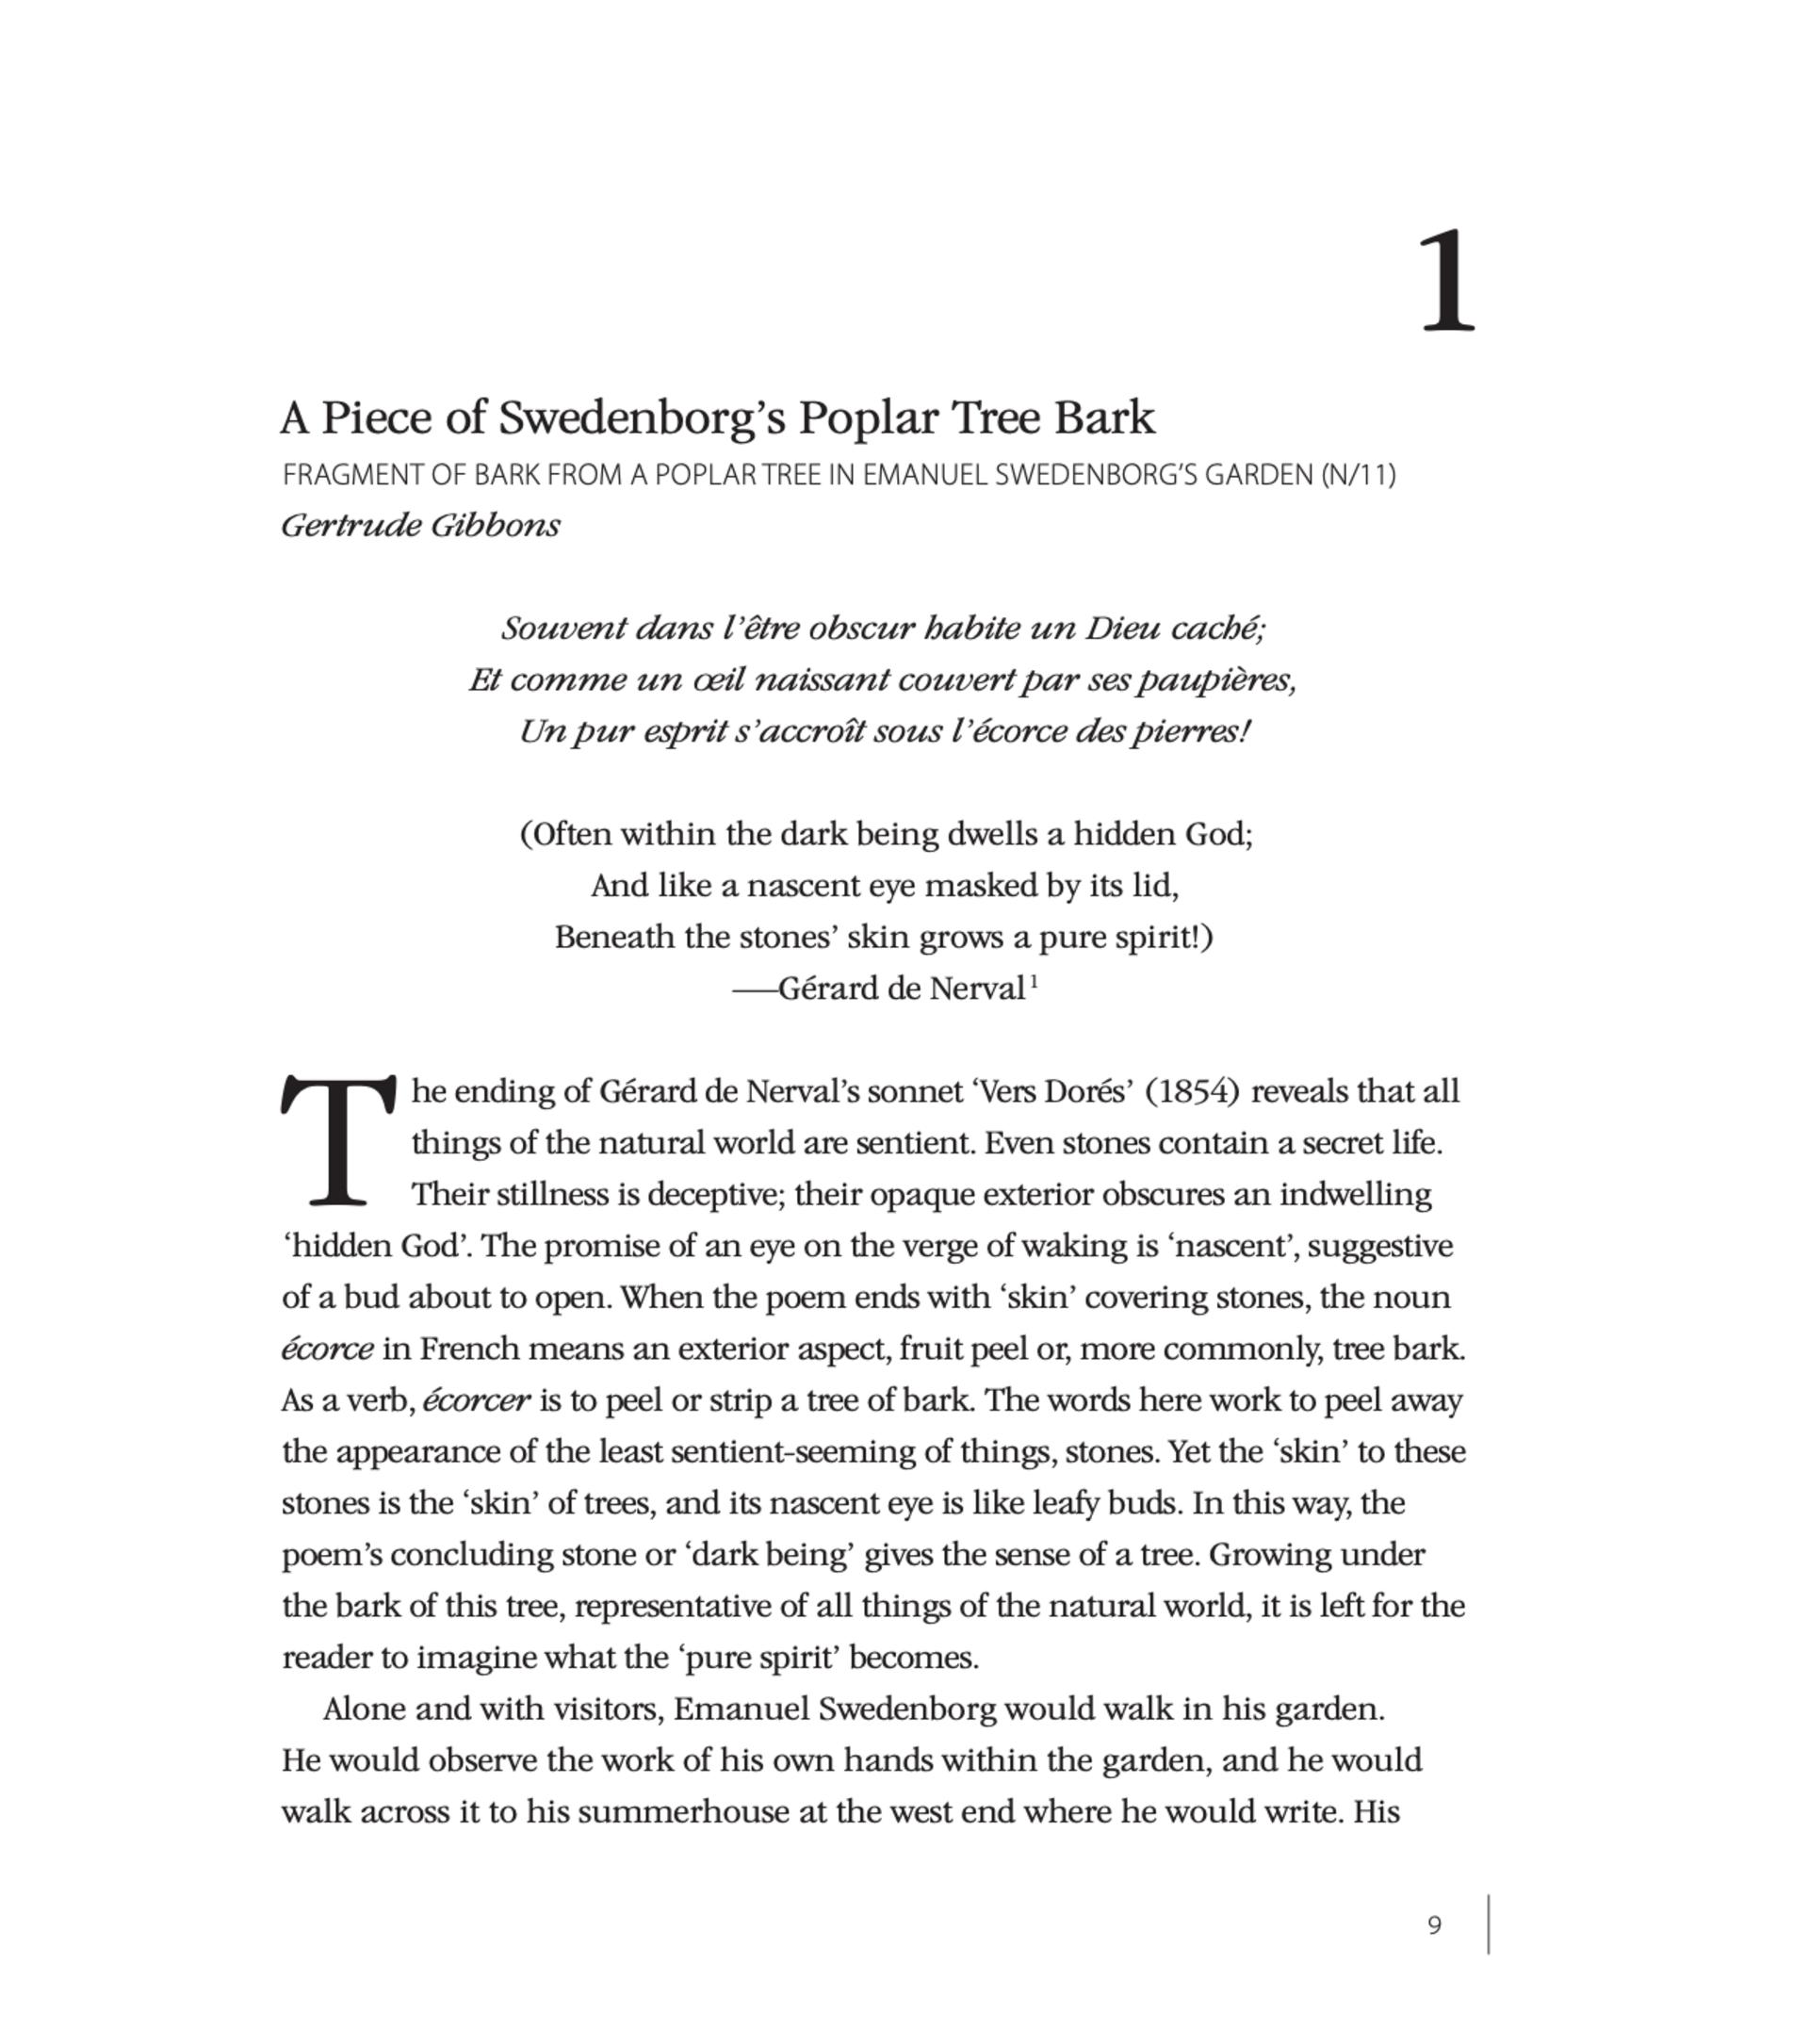 Introducing Swedenborg via Nerval